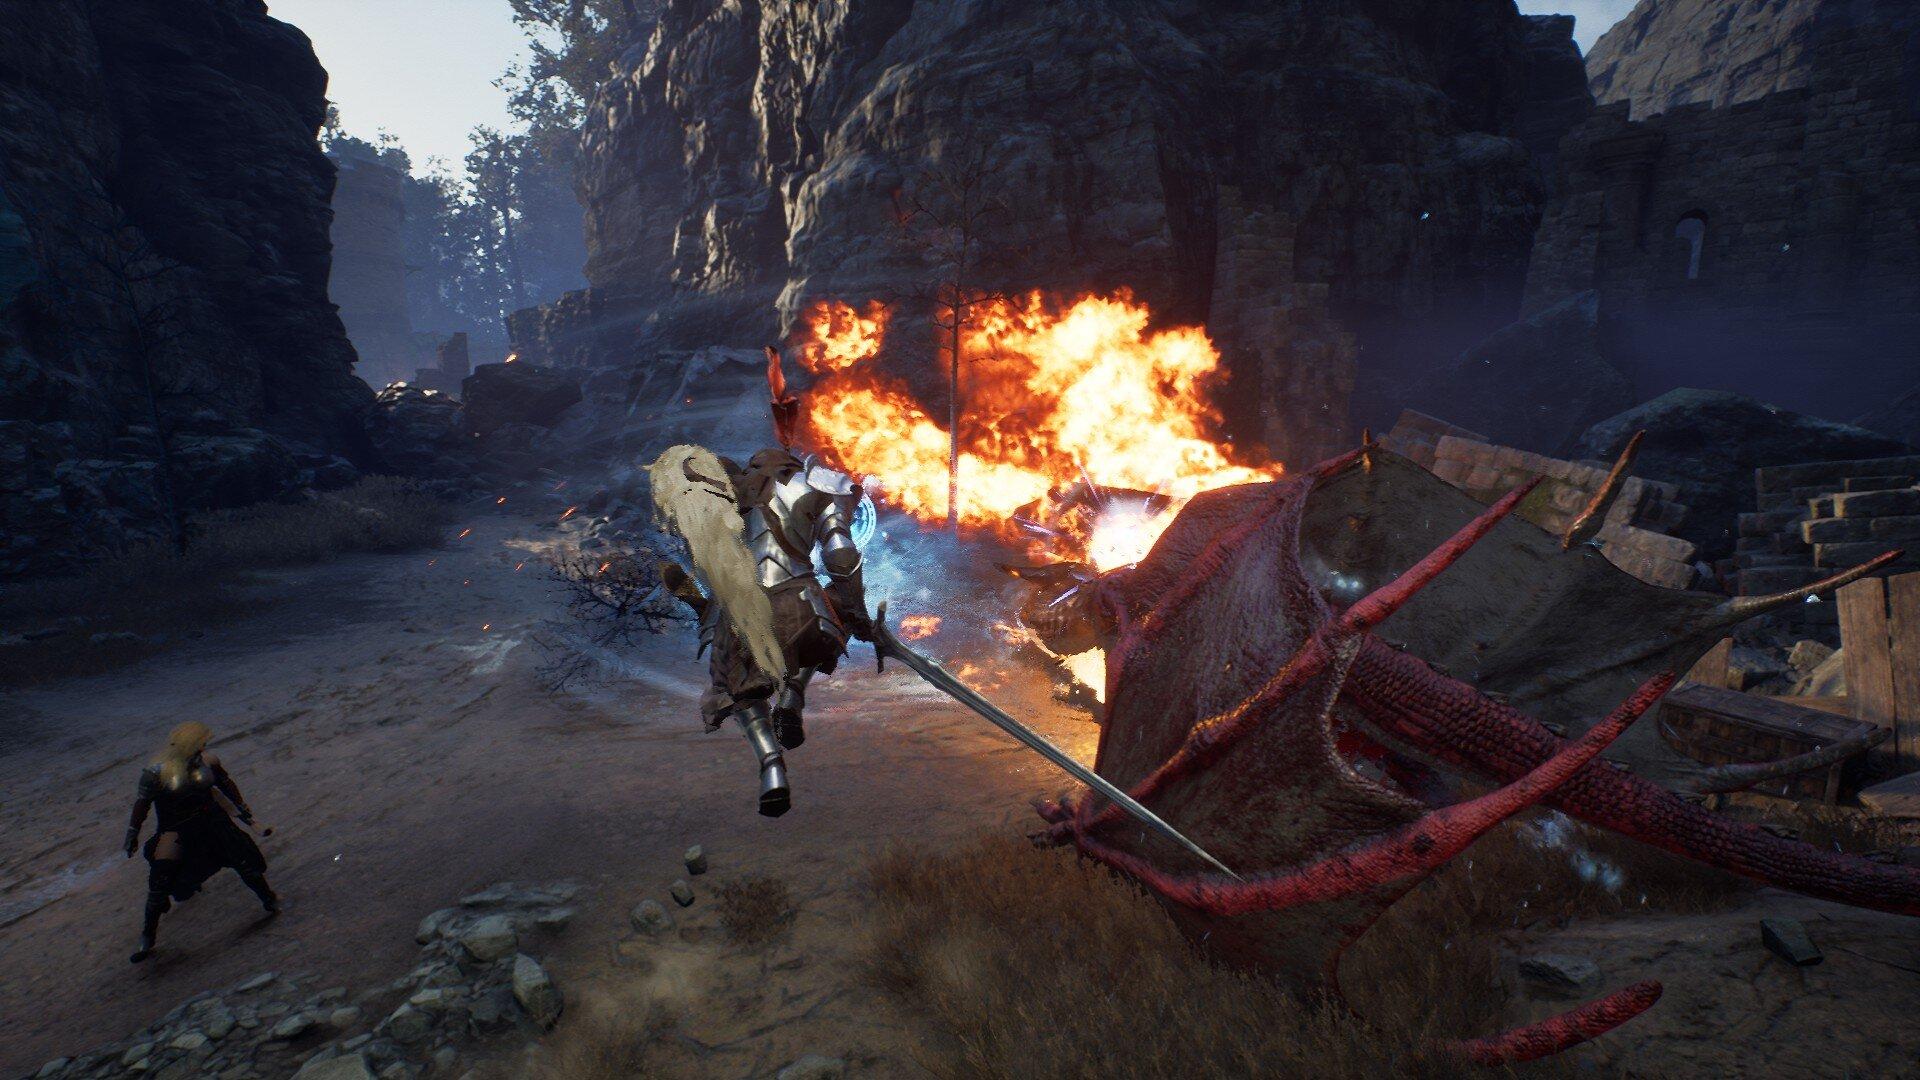 国产奇幻ARPG《觉醒者之崛起》首曝 2023年发售